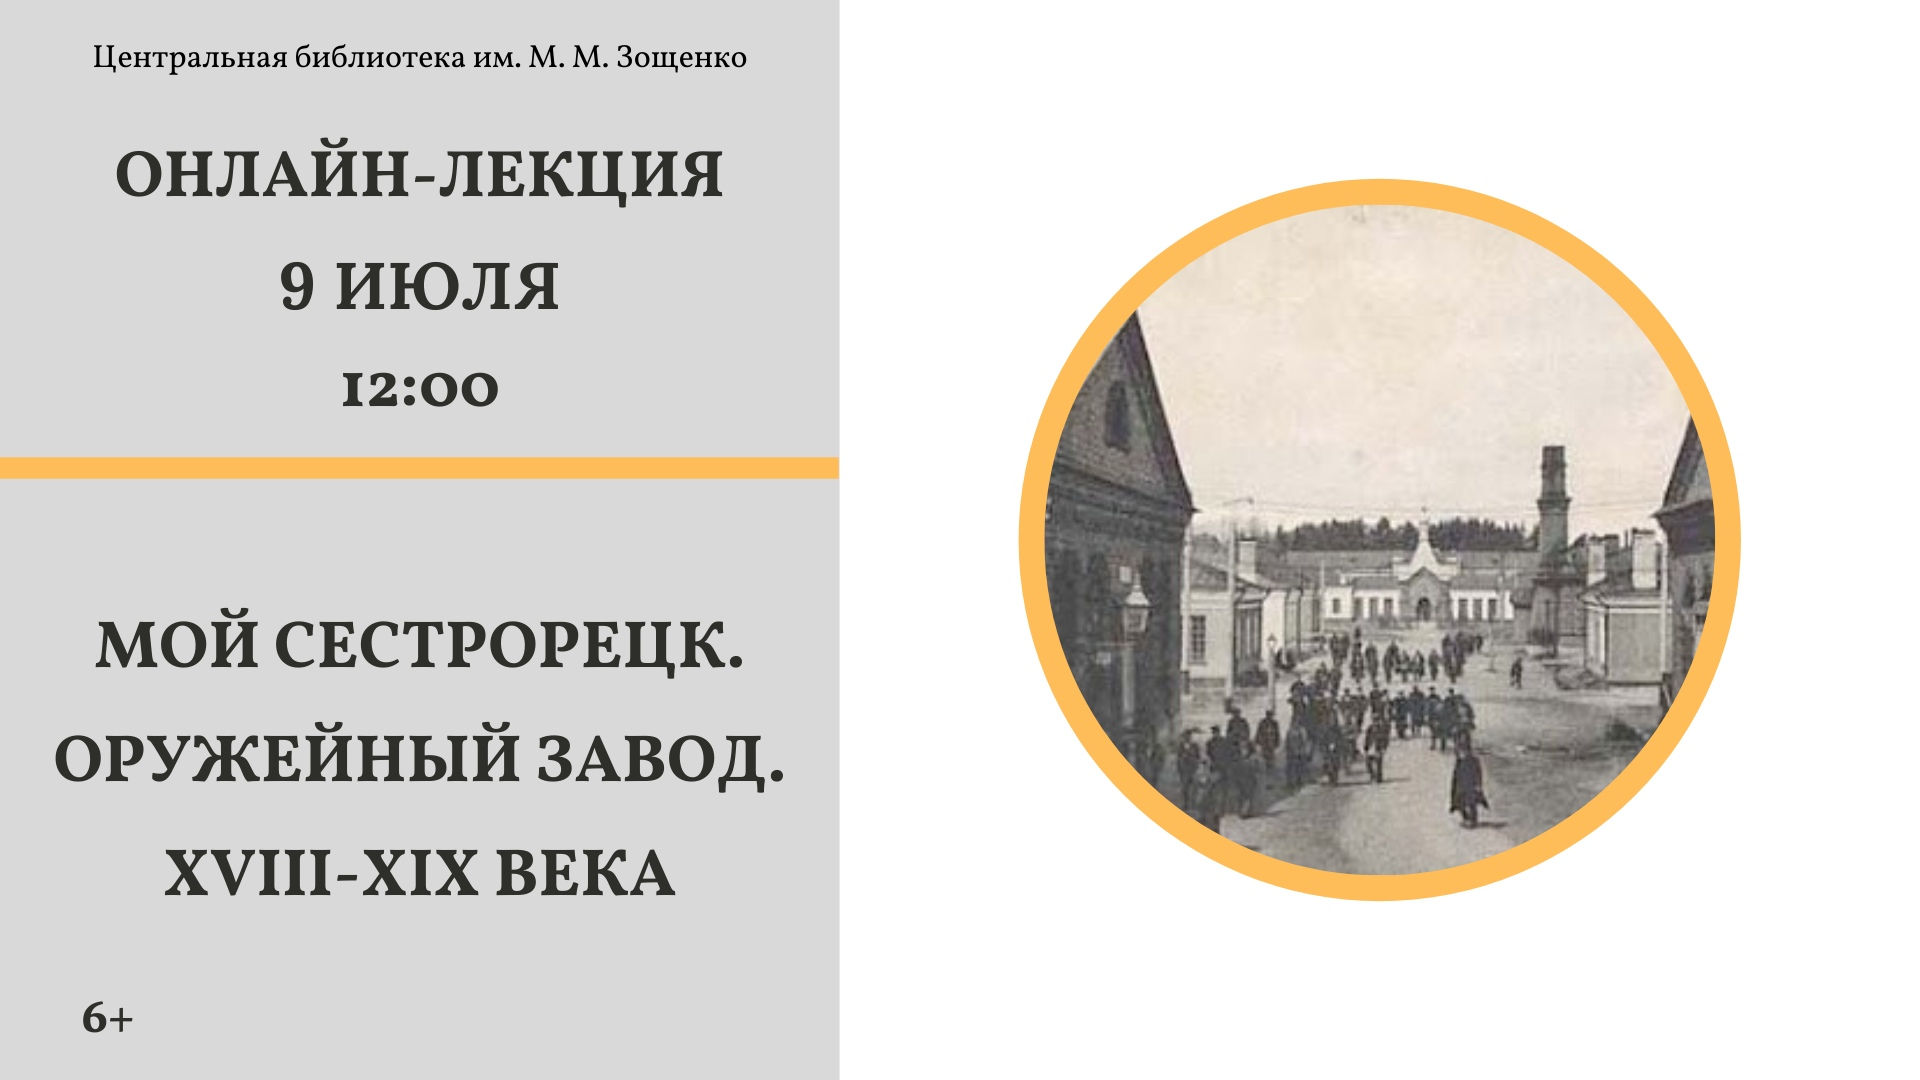 Мой Сестрорецк Оружейный хавод XVIII-XIX